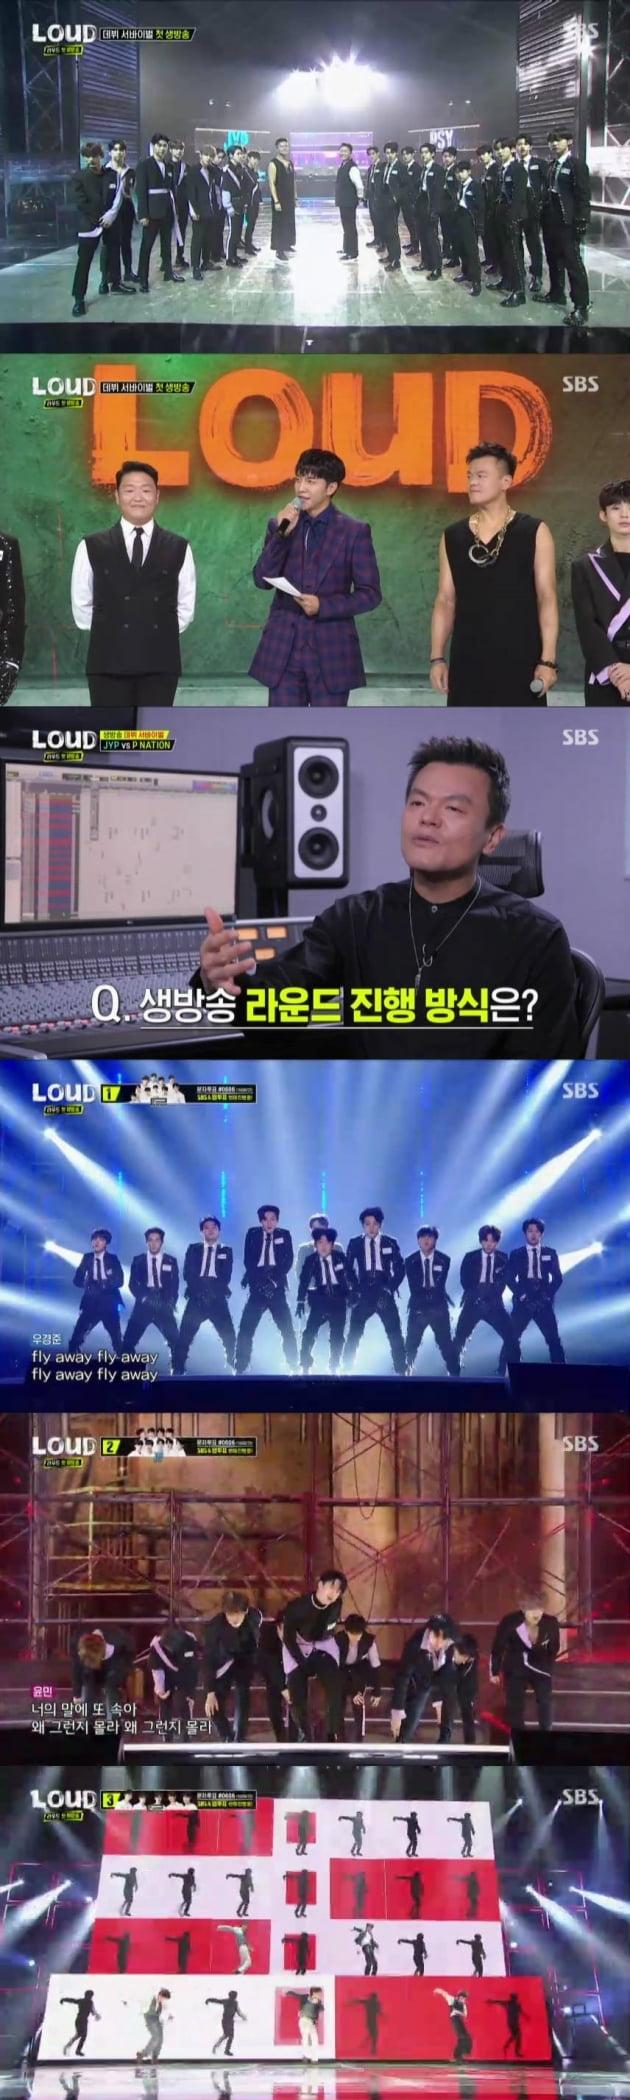 '라우드' 첫 생방, 피네이션 압승…탈락자는 강현우·김동현·박용건